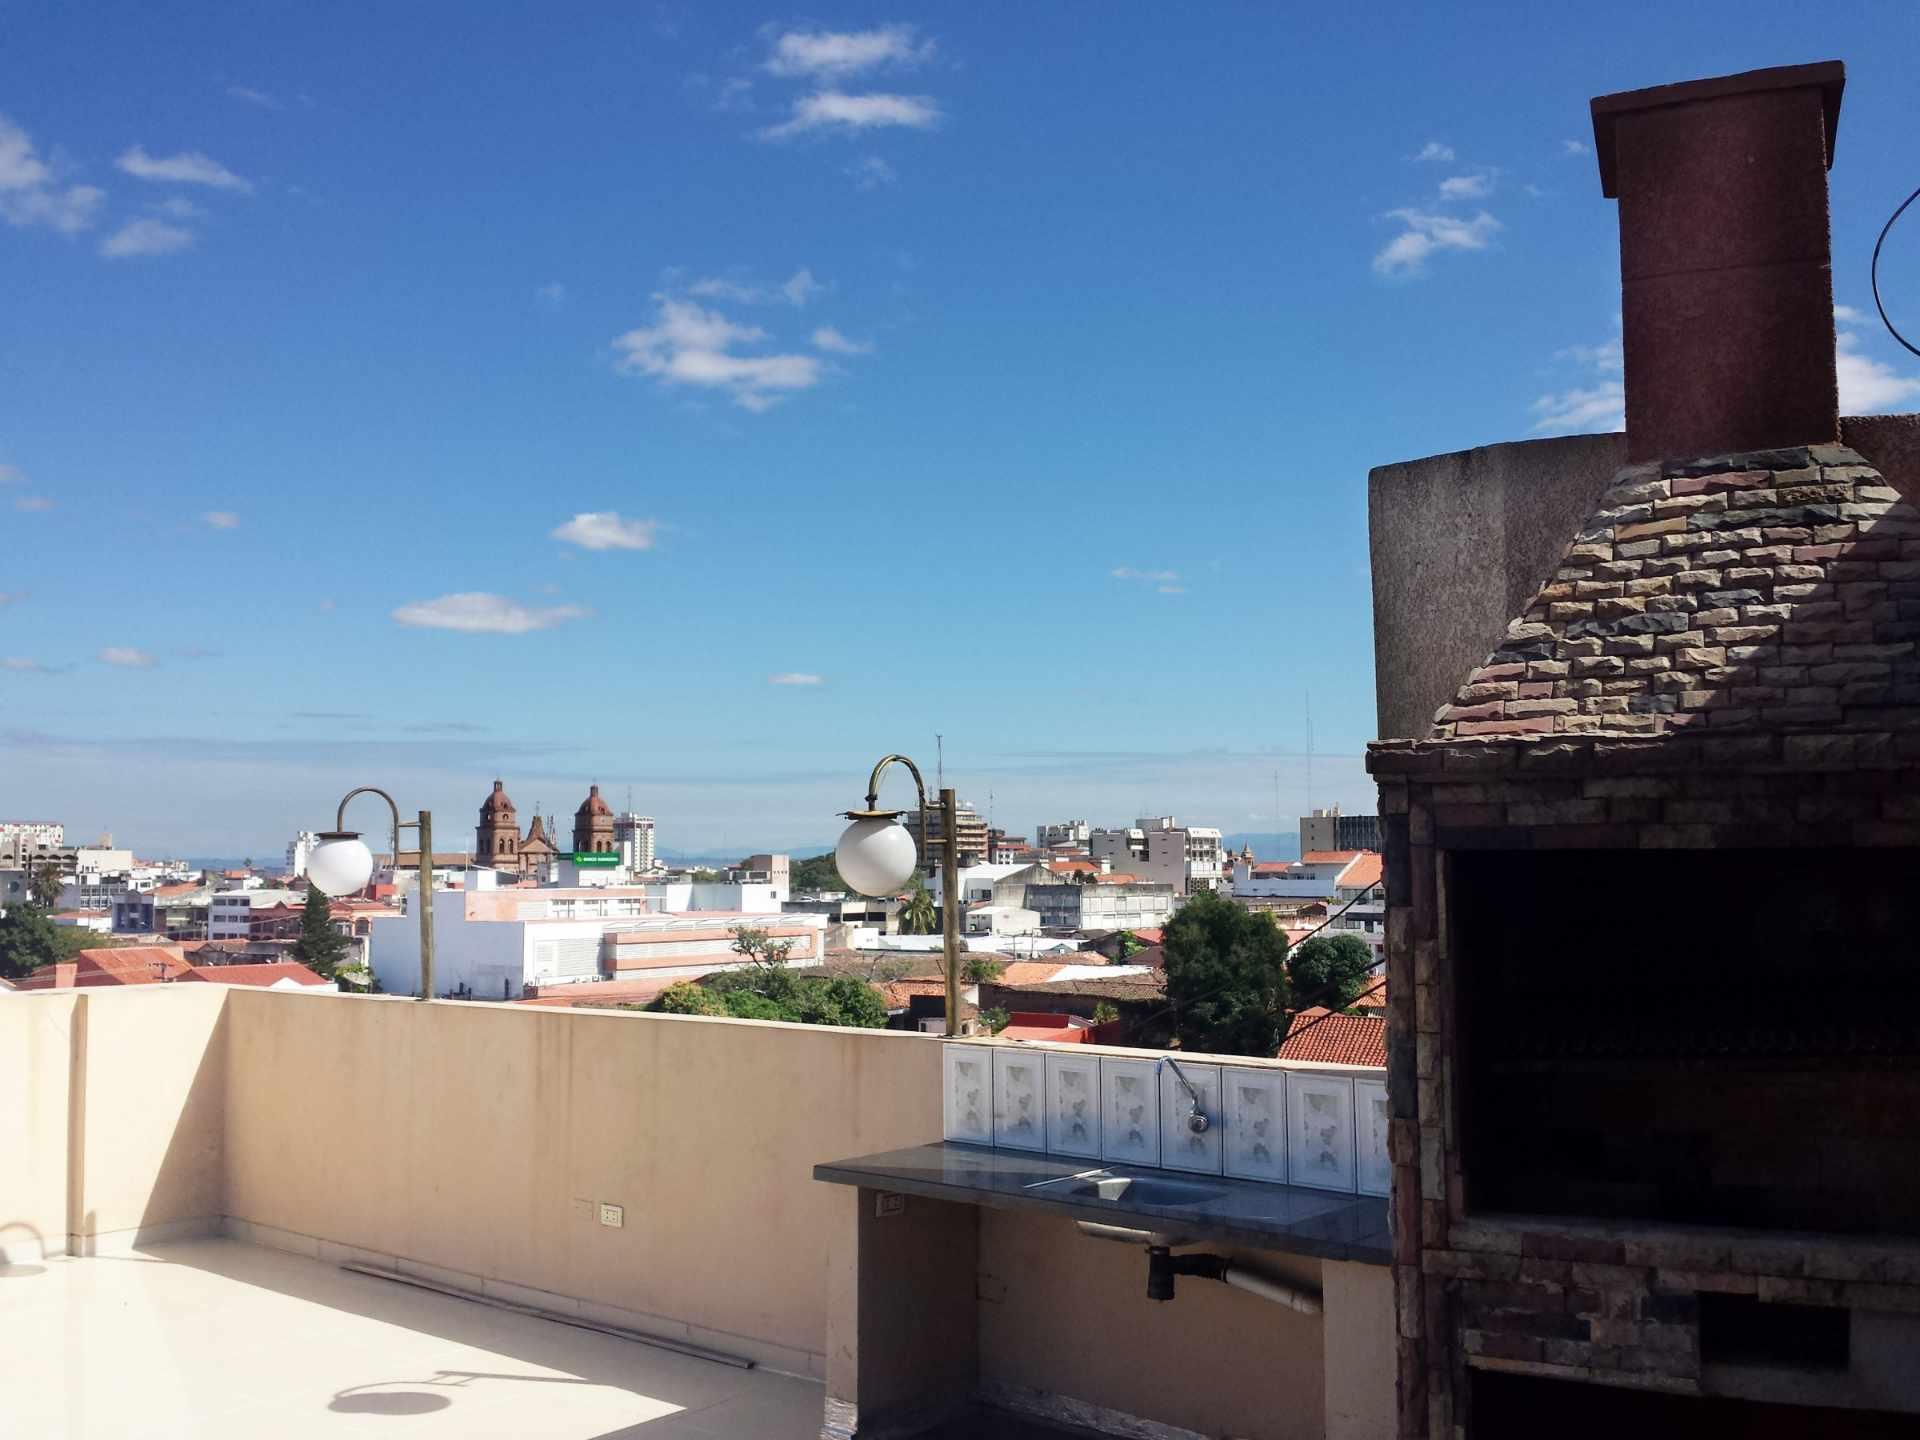 Departamento en Alquiler Calle Charcas # 269 Entre Aroma y Murillo  Foto 2